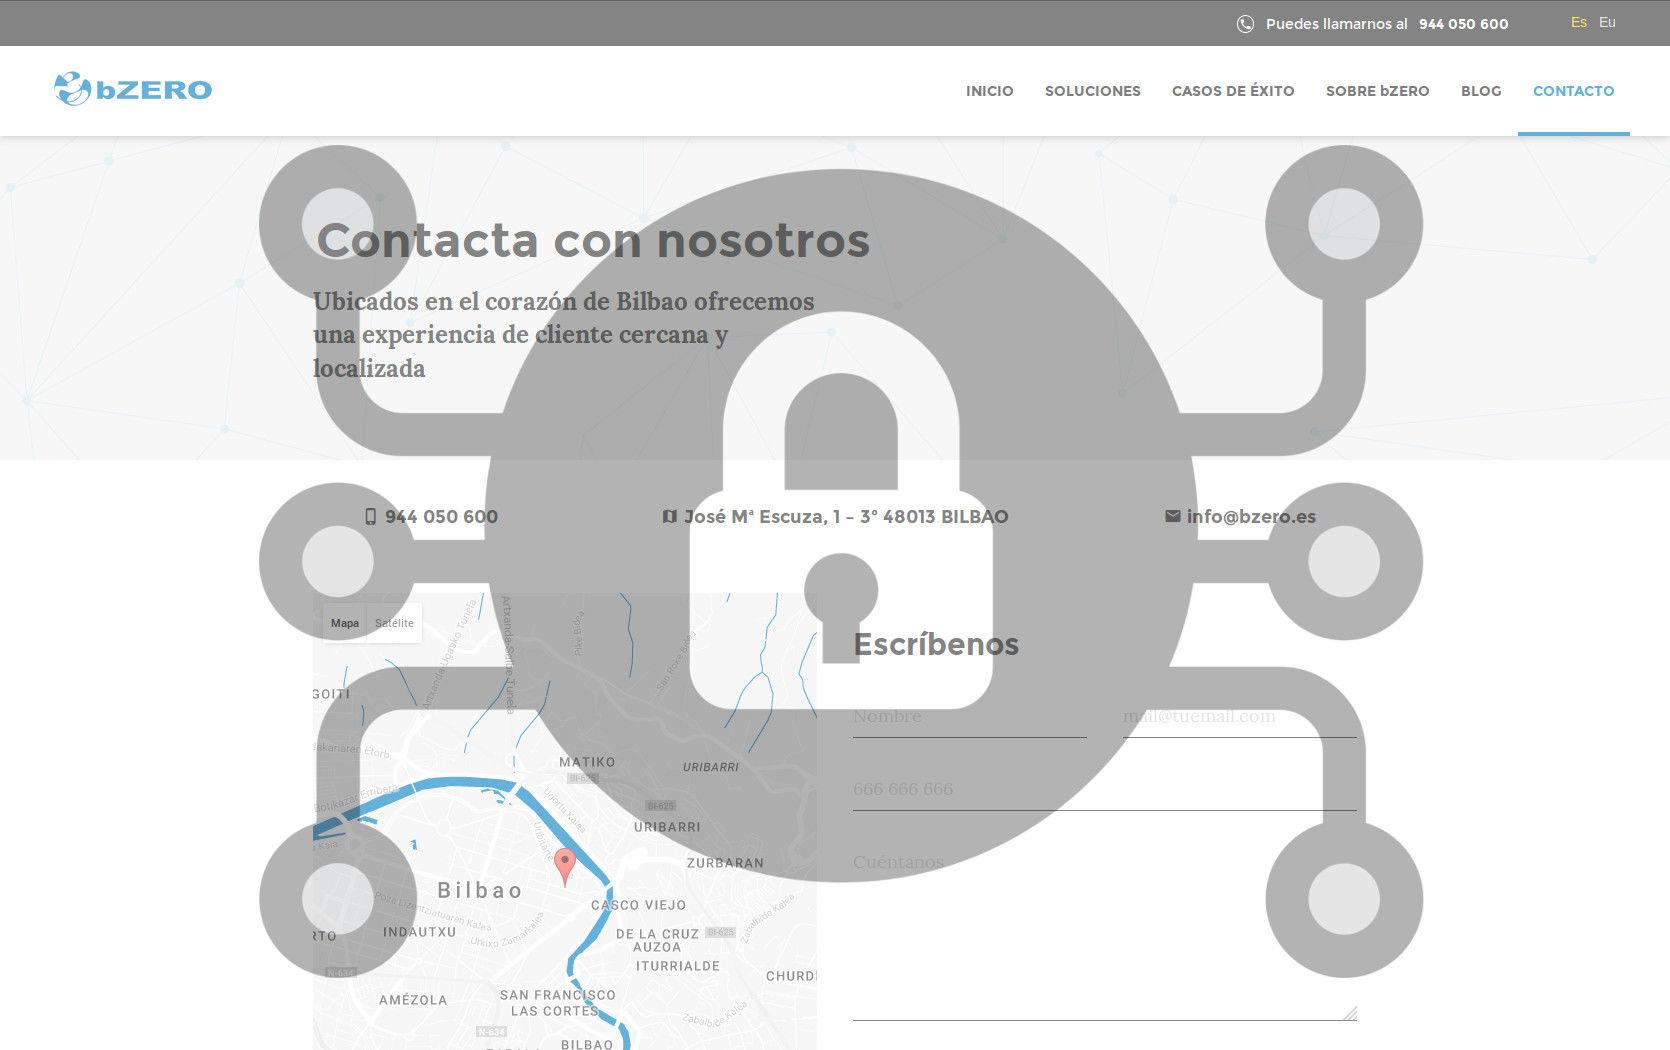 Nueva web de bZERO: un sistema eficiente y libre de intrusos.